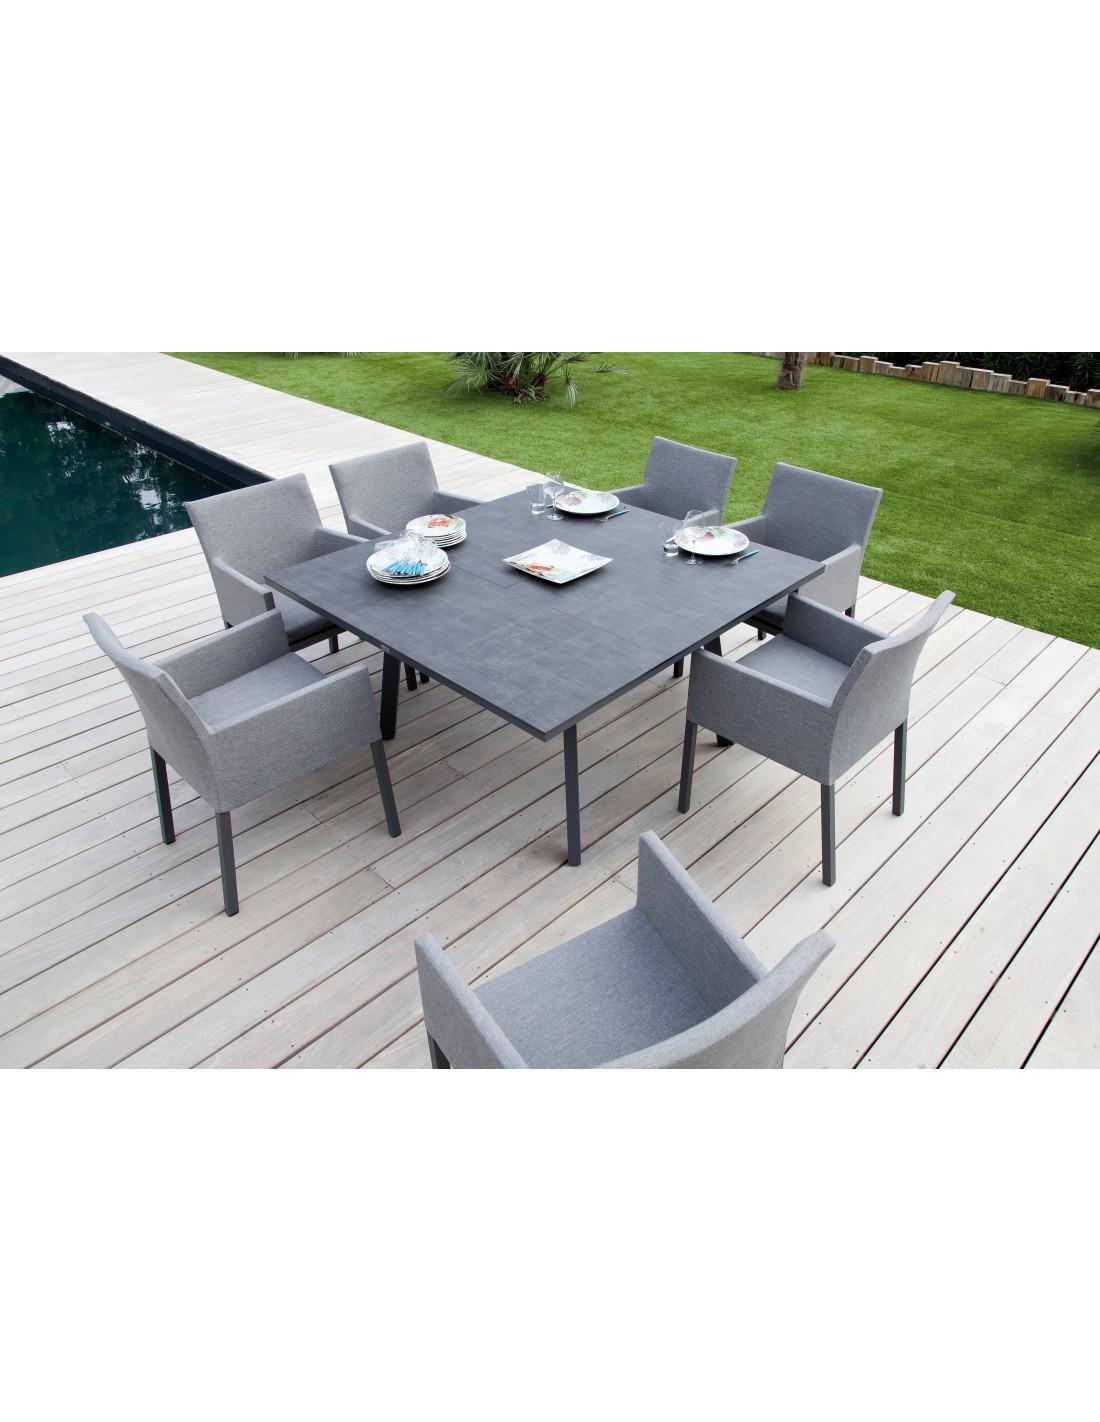 table barsa carr 140 plateau trespa coloris caf ou grey